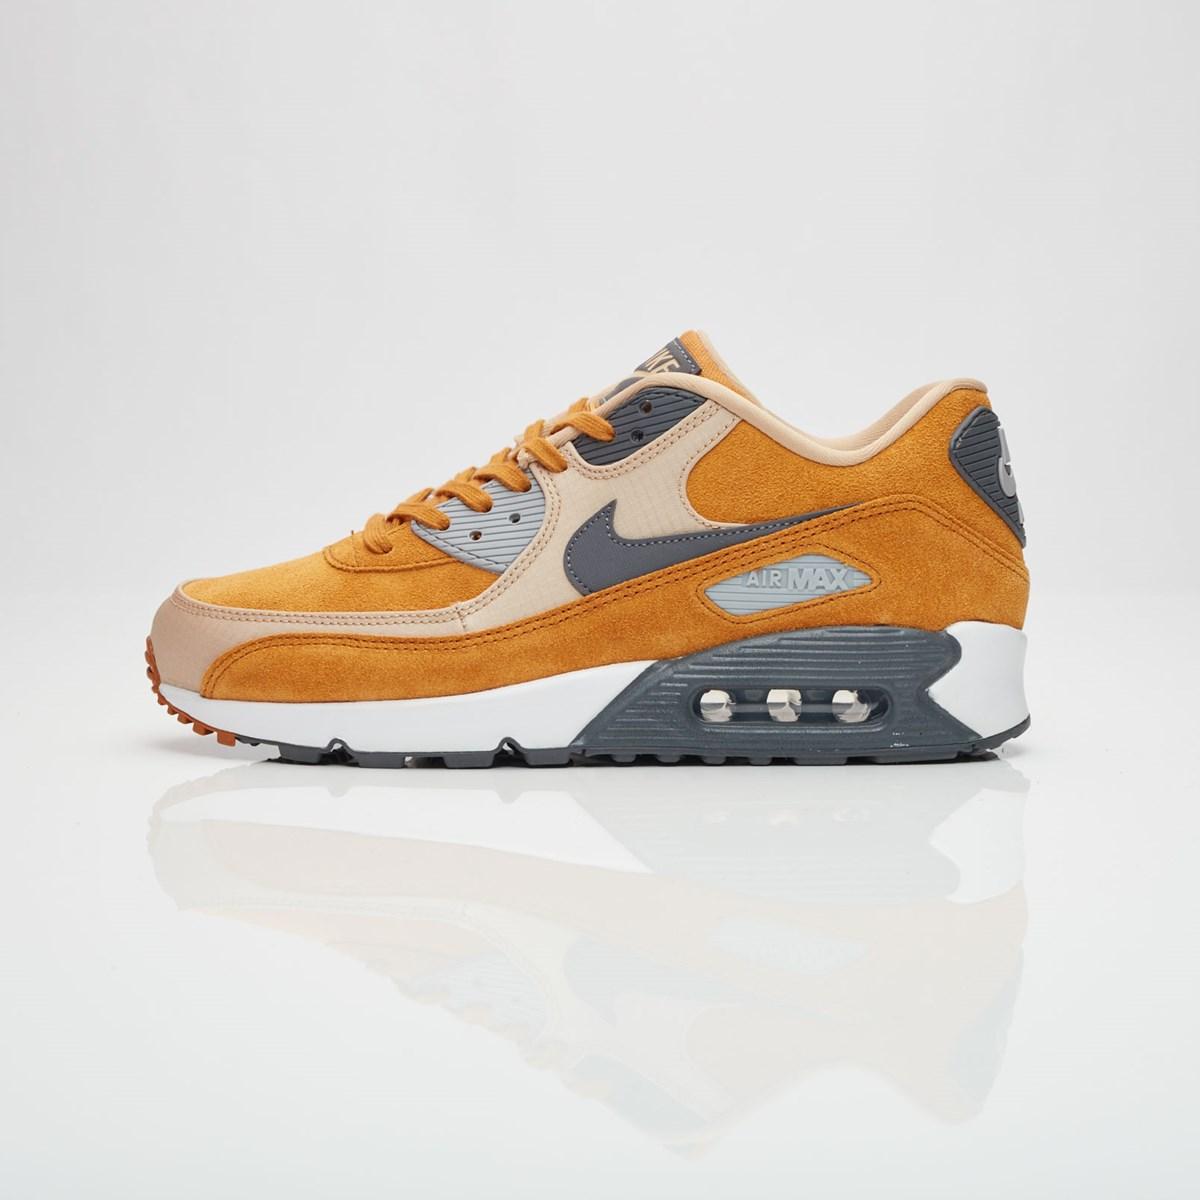 Nike Air Max 90 Premium - 700155-700 - SNS | sneakers & streetwear online since 1999